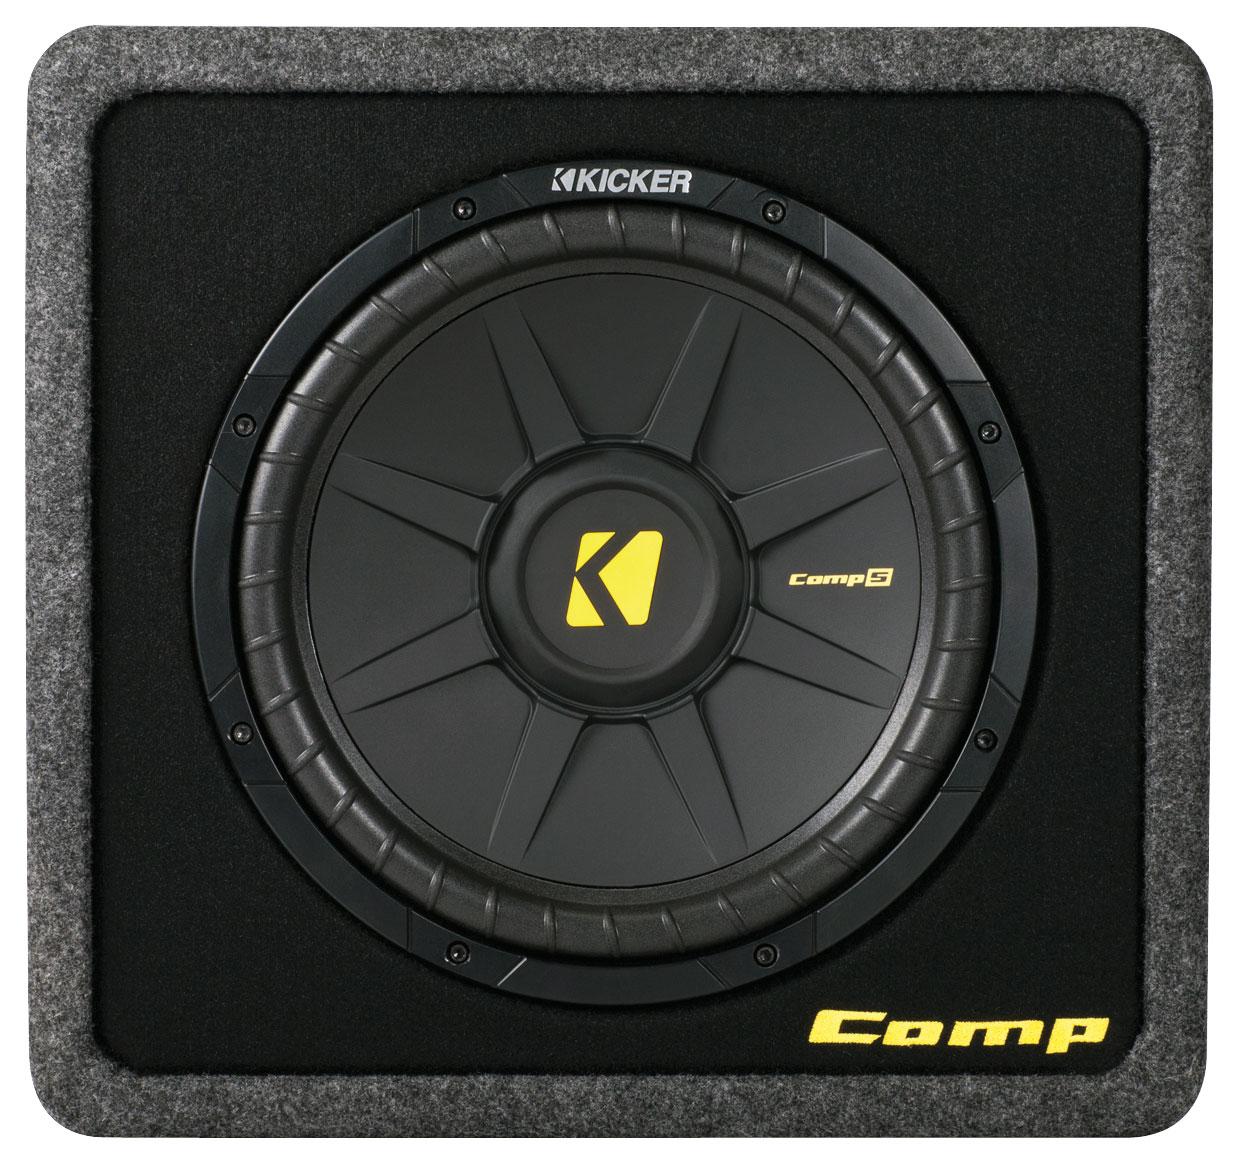 Kicker - CompS12 12 Single-Voice-Coil 2-Ohm Loaded Subwoofer Enclosure - Black